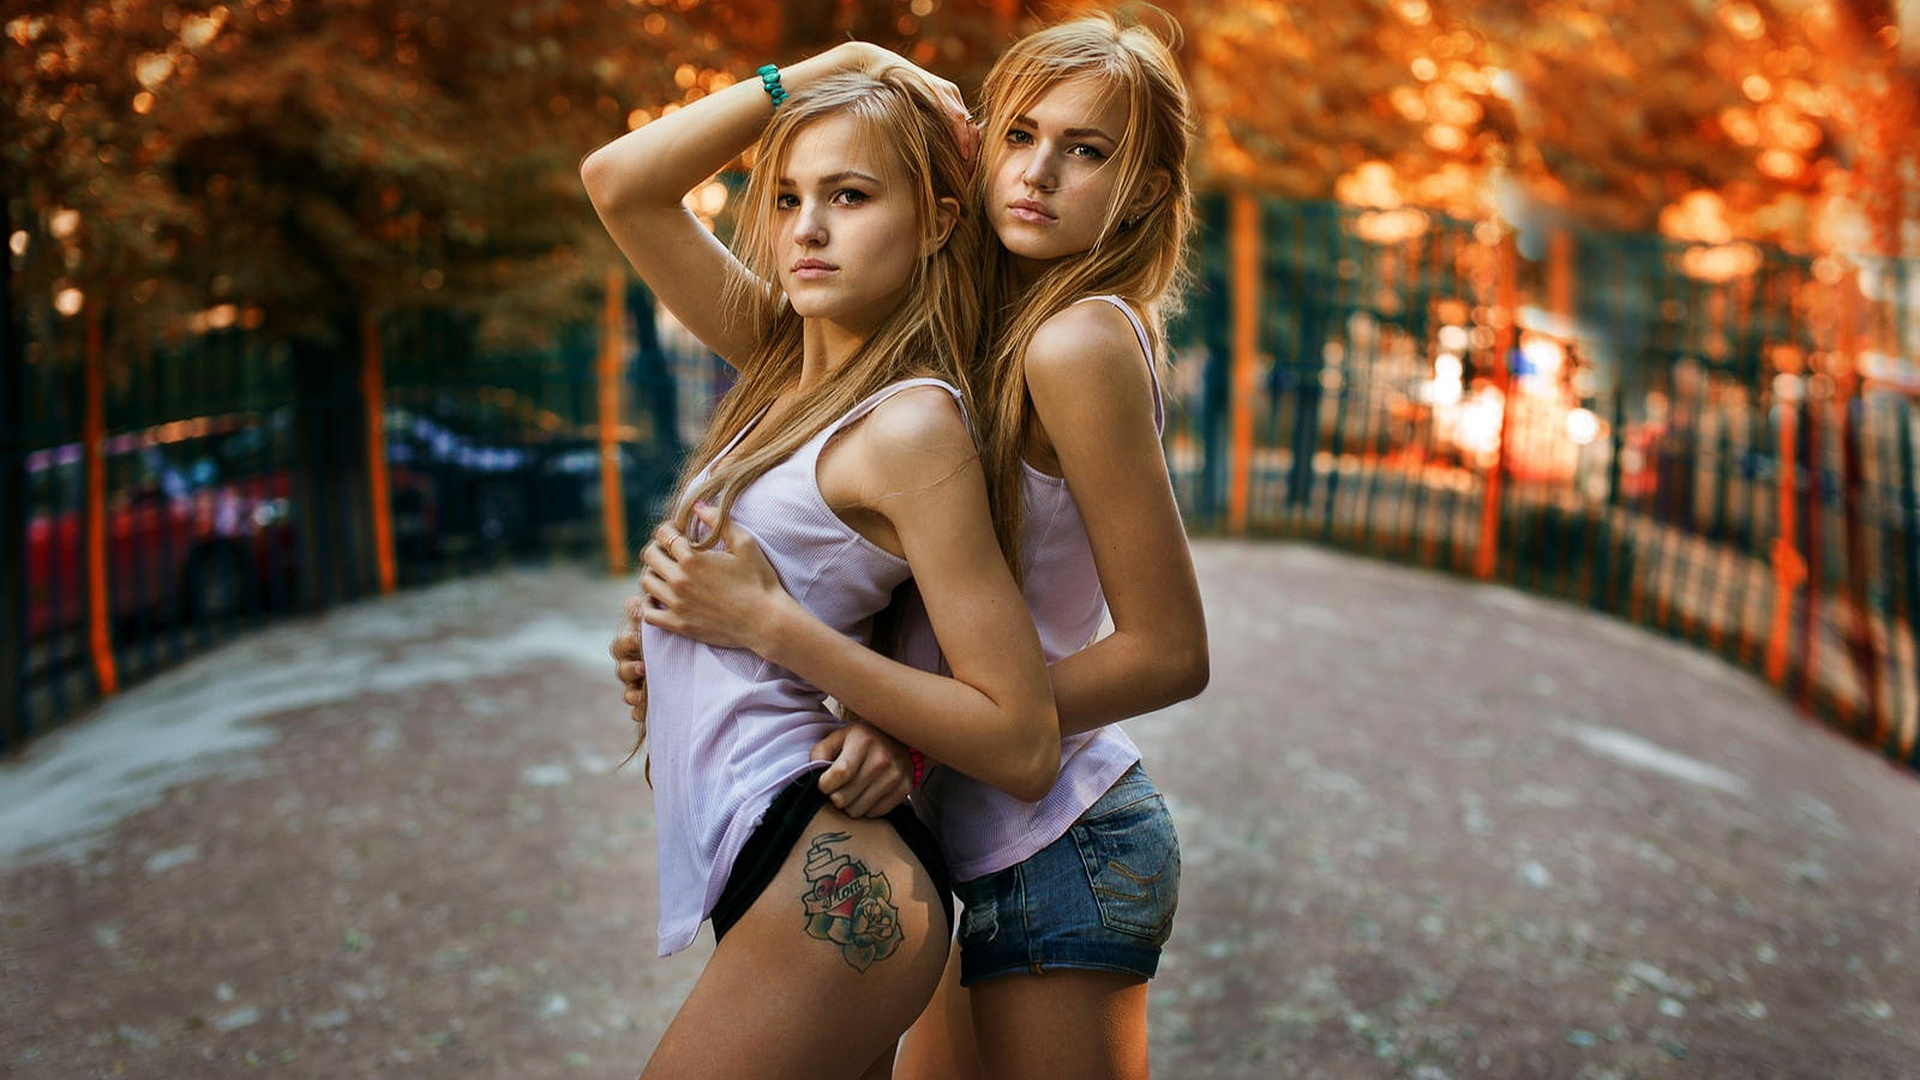 Секс молодой украинки, Порно видео онлайн: УкраинскоеМолодые 21 фотография